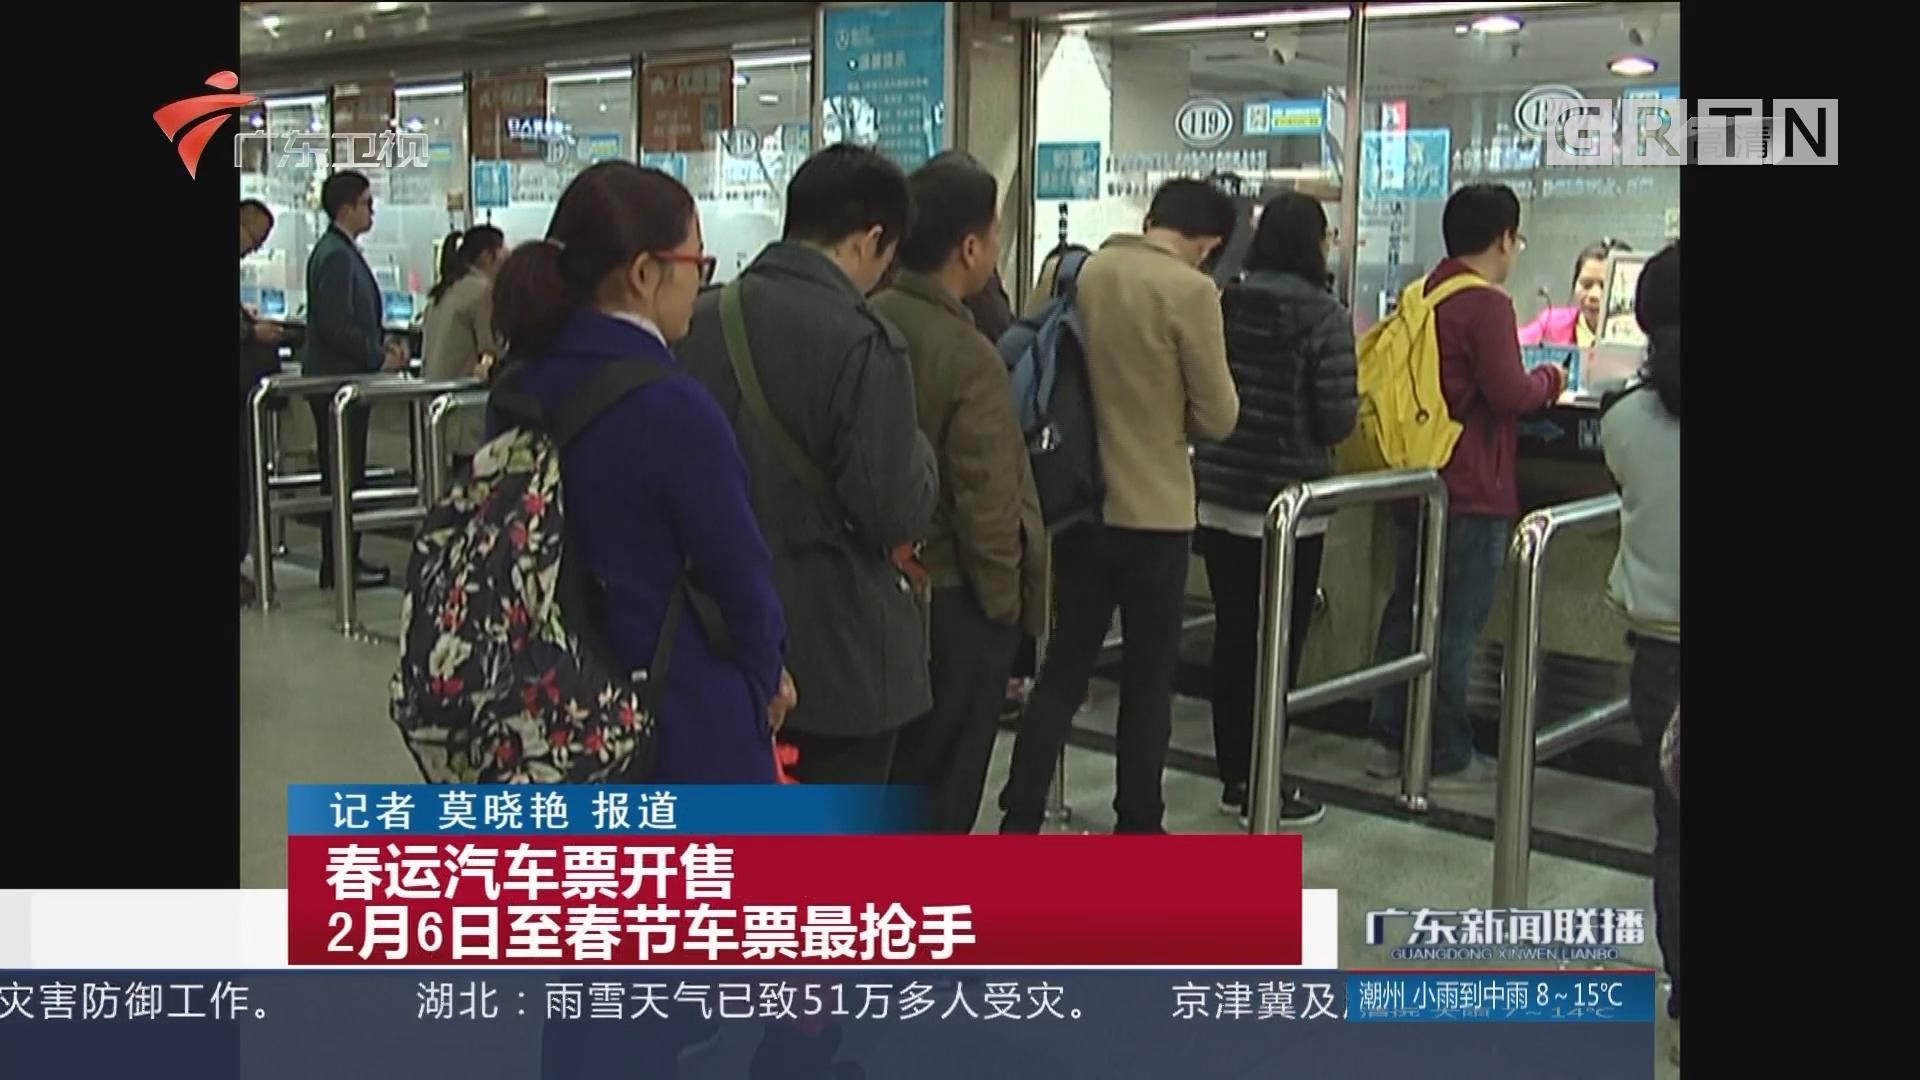 春运汽车票开售 2月6日至春节车票最抢手